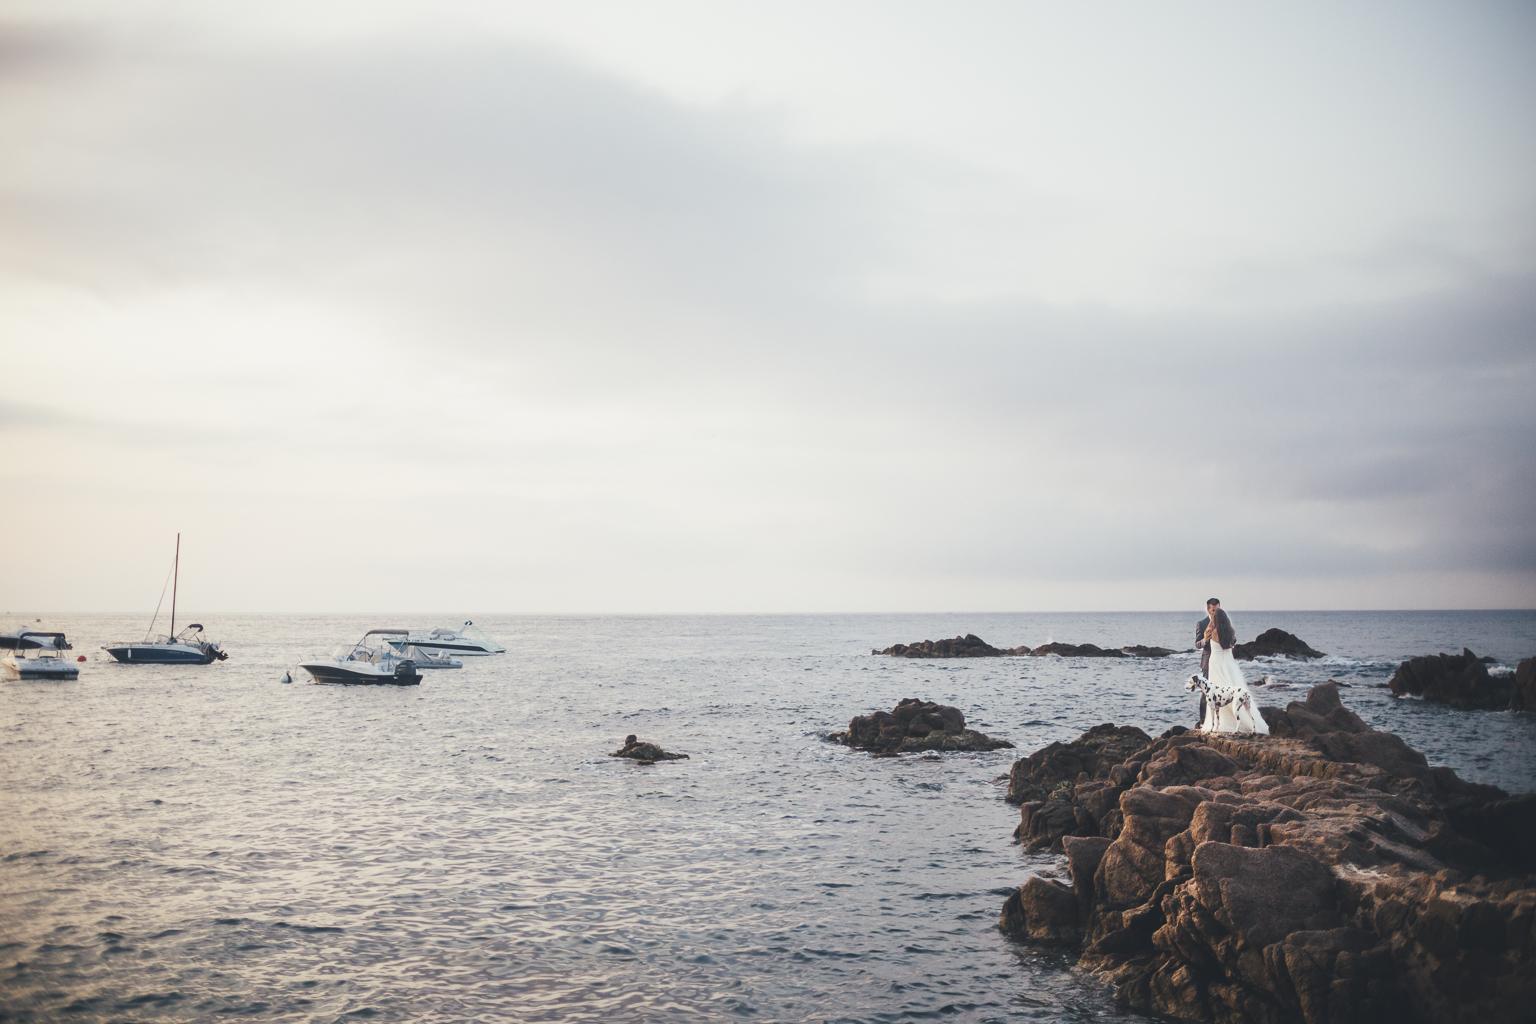 Postboda en Girona :: Postboda en la playa :: Costa brava :: Sant Feliu de Gíxols :: Els pontets :: Postboda con Perros :: Boda con Perros :: Reportaje de pareja con Perros :: Amanecer en la playa